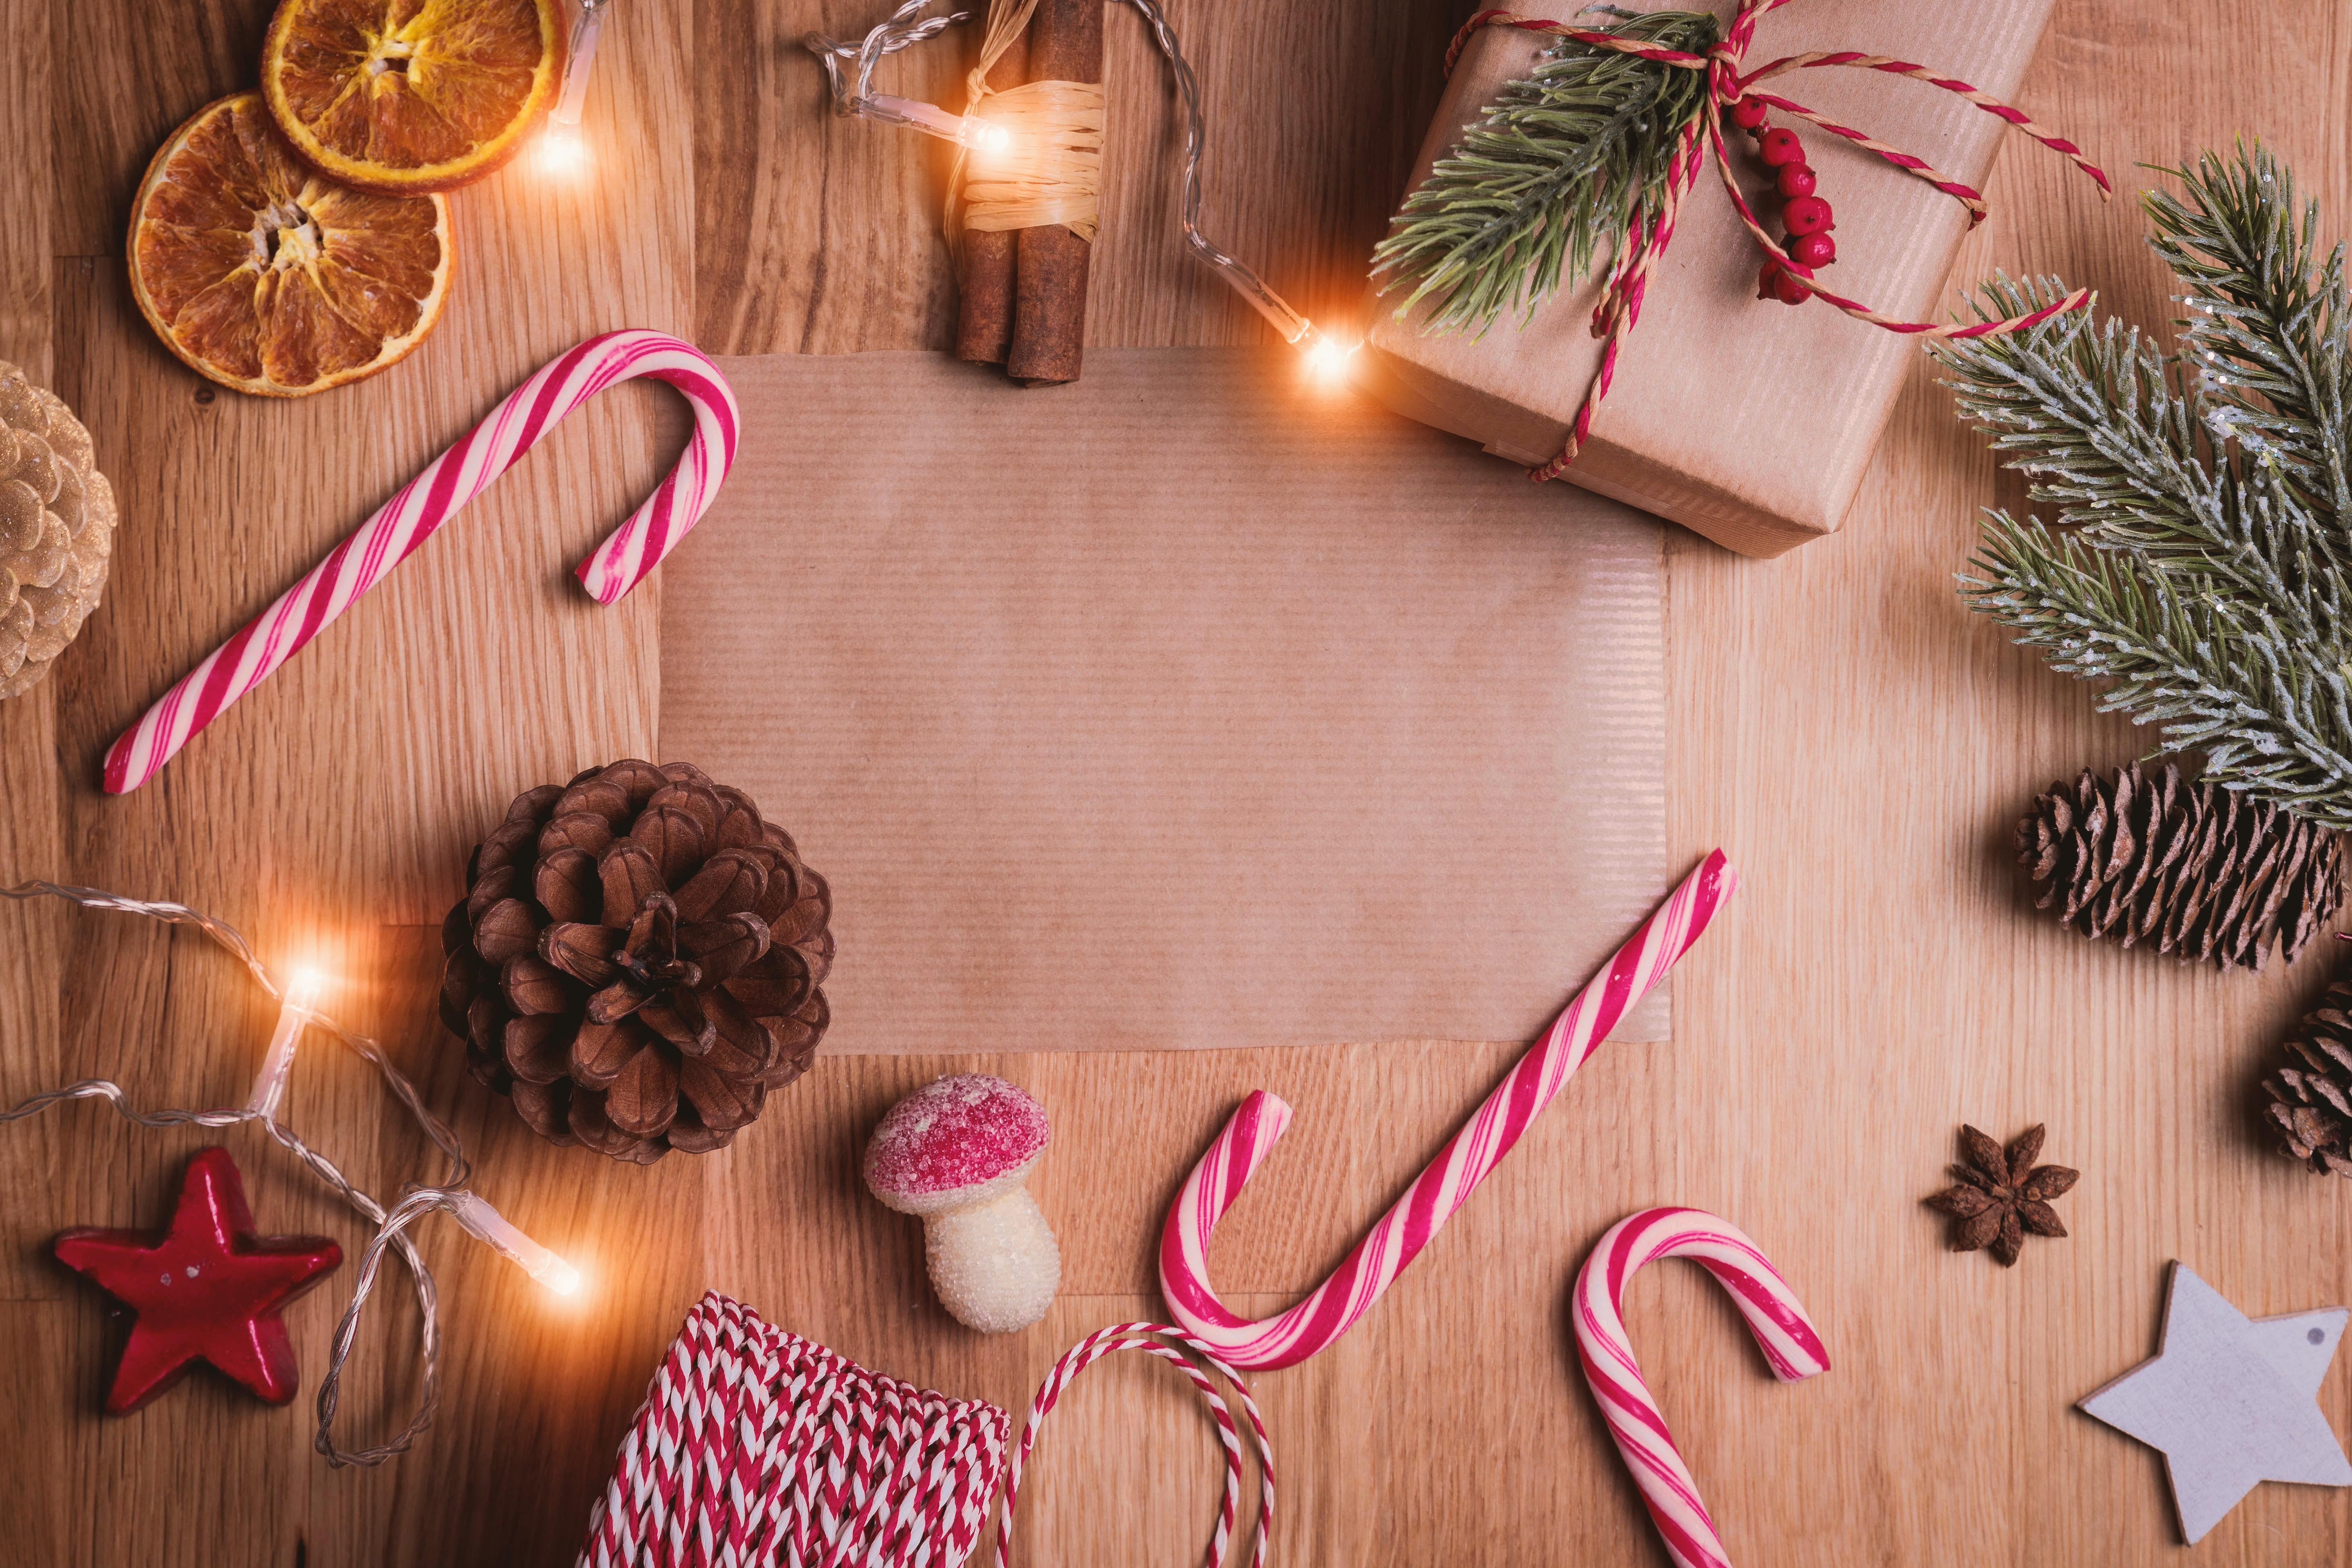 Weihnachtsdekoration wie Zuckerstangen, Kerzen und Geschenke vermitteln ein weihnachtliches Gefühl zur Weihnachtsstudie des Händlerbunds